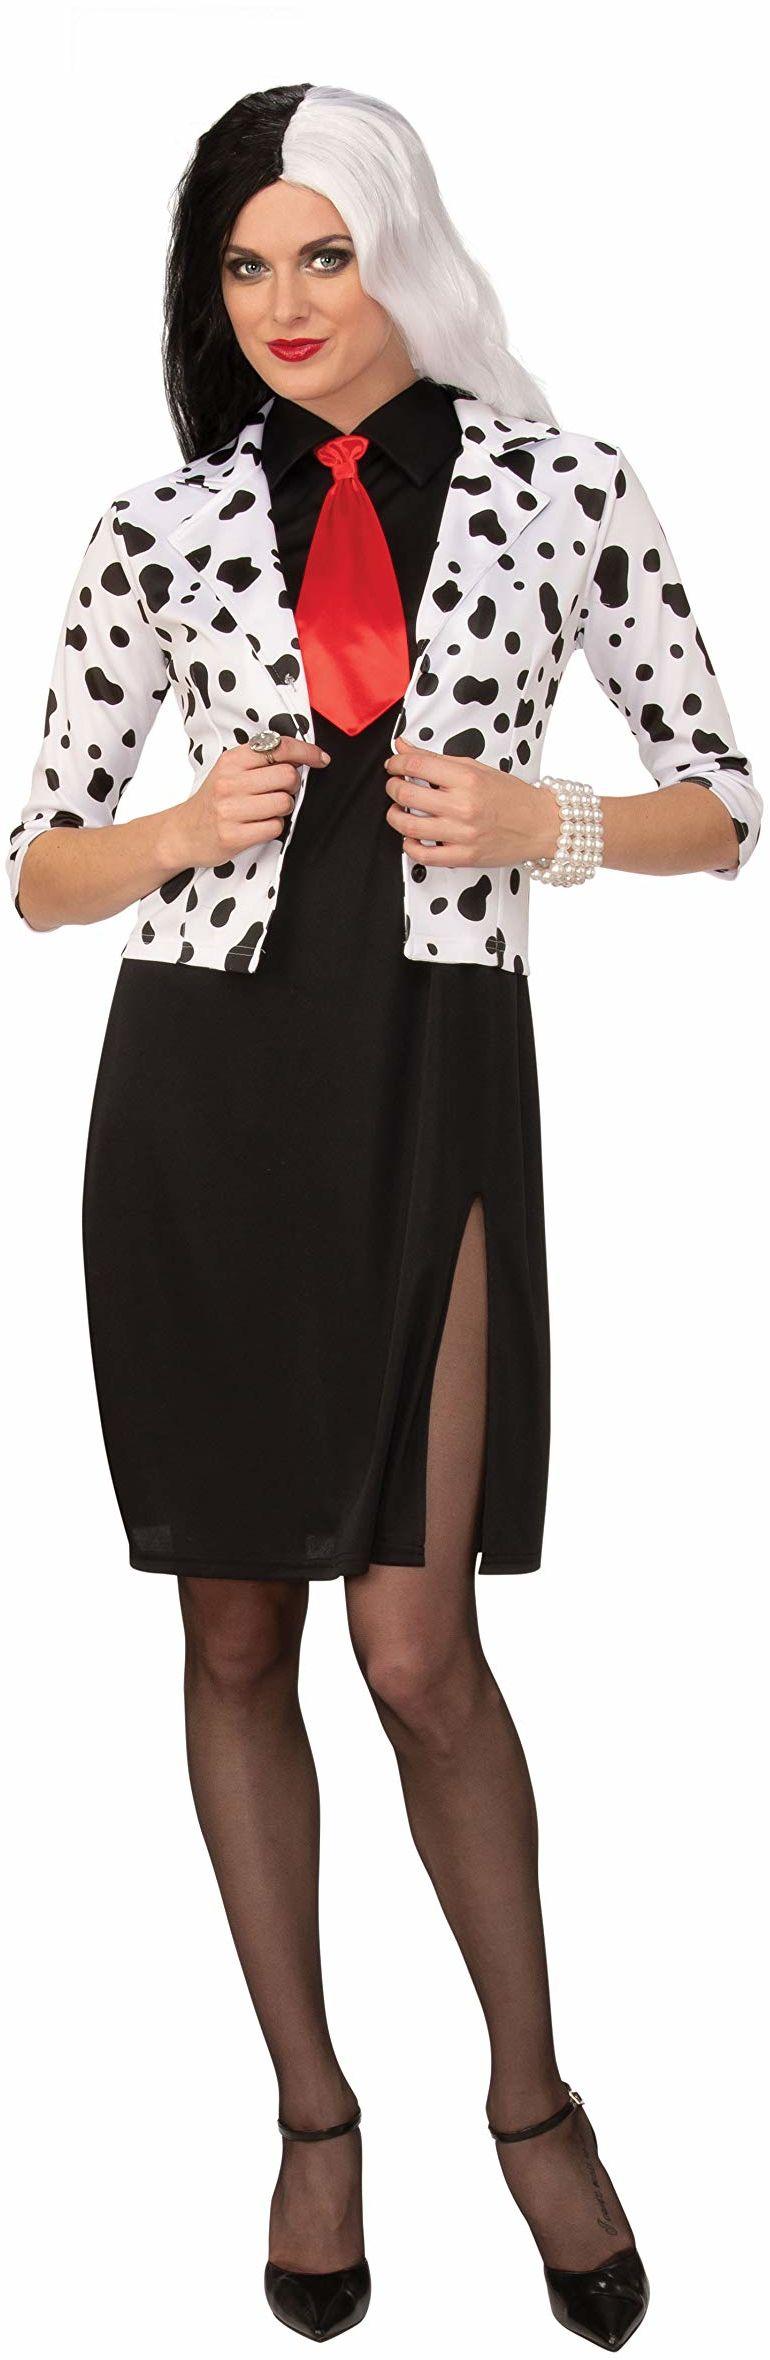 Bristol nowość AF112L pies Lovin Diva (nowoczesny) duży kostium dla dorosłych, kobiety, czarny, biały